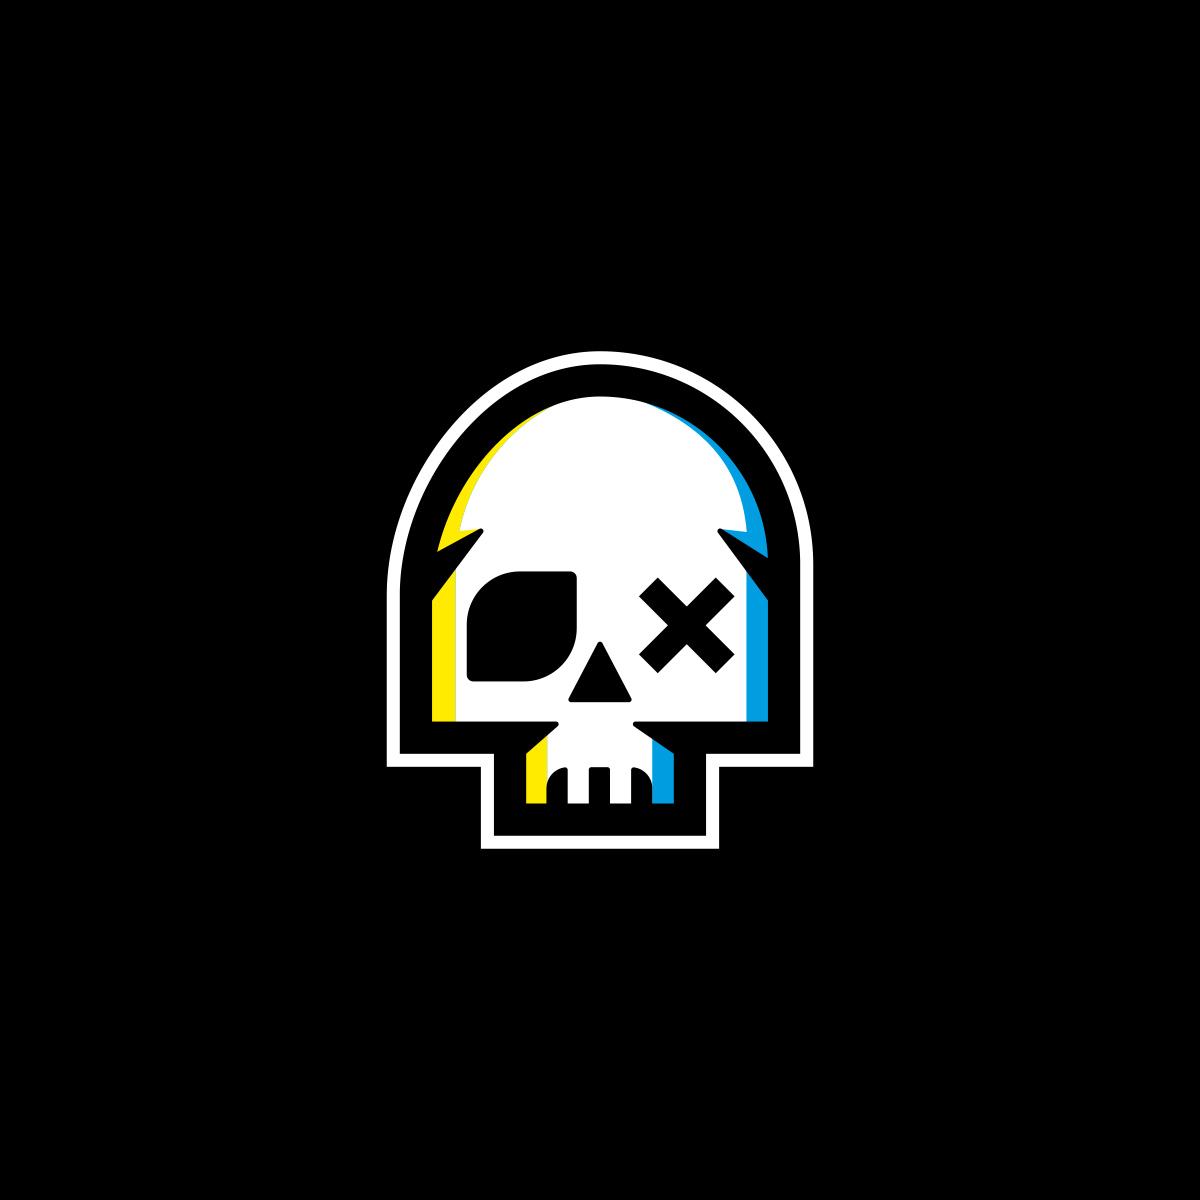 Various-Logos_Reapers